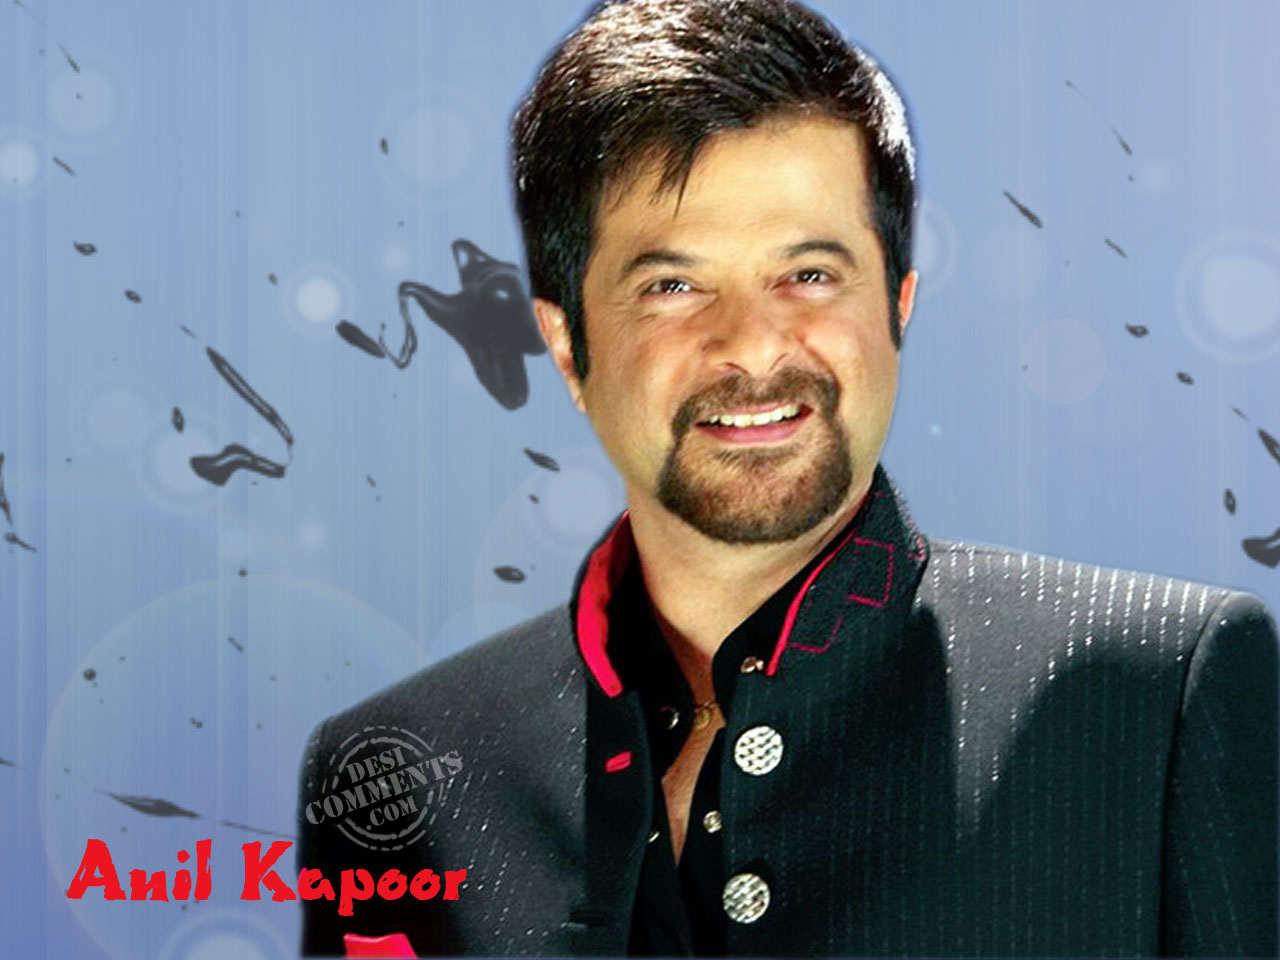 Anil Kapoor's quote #2